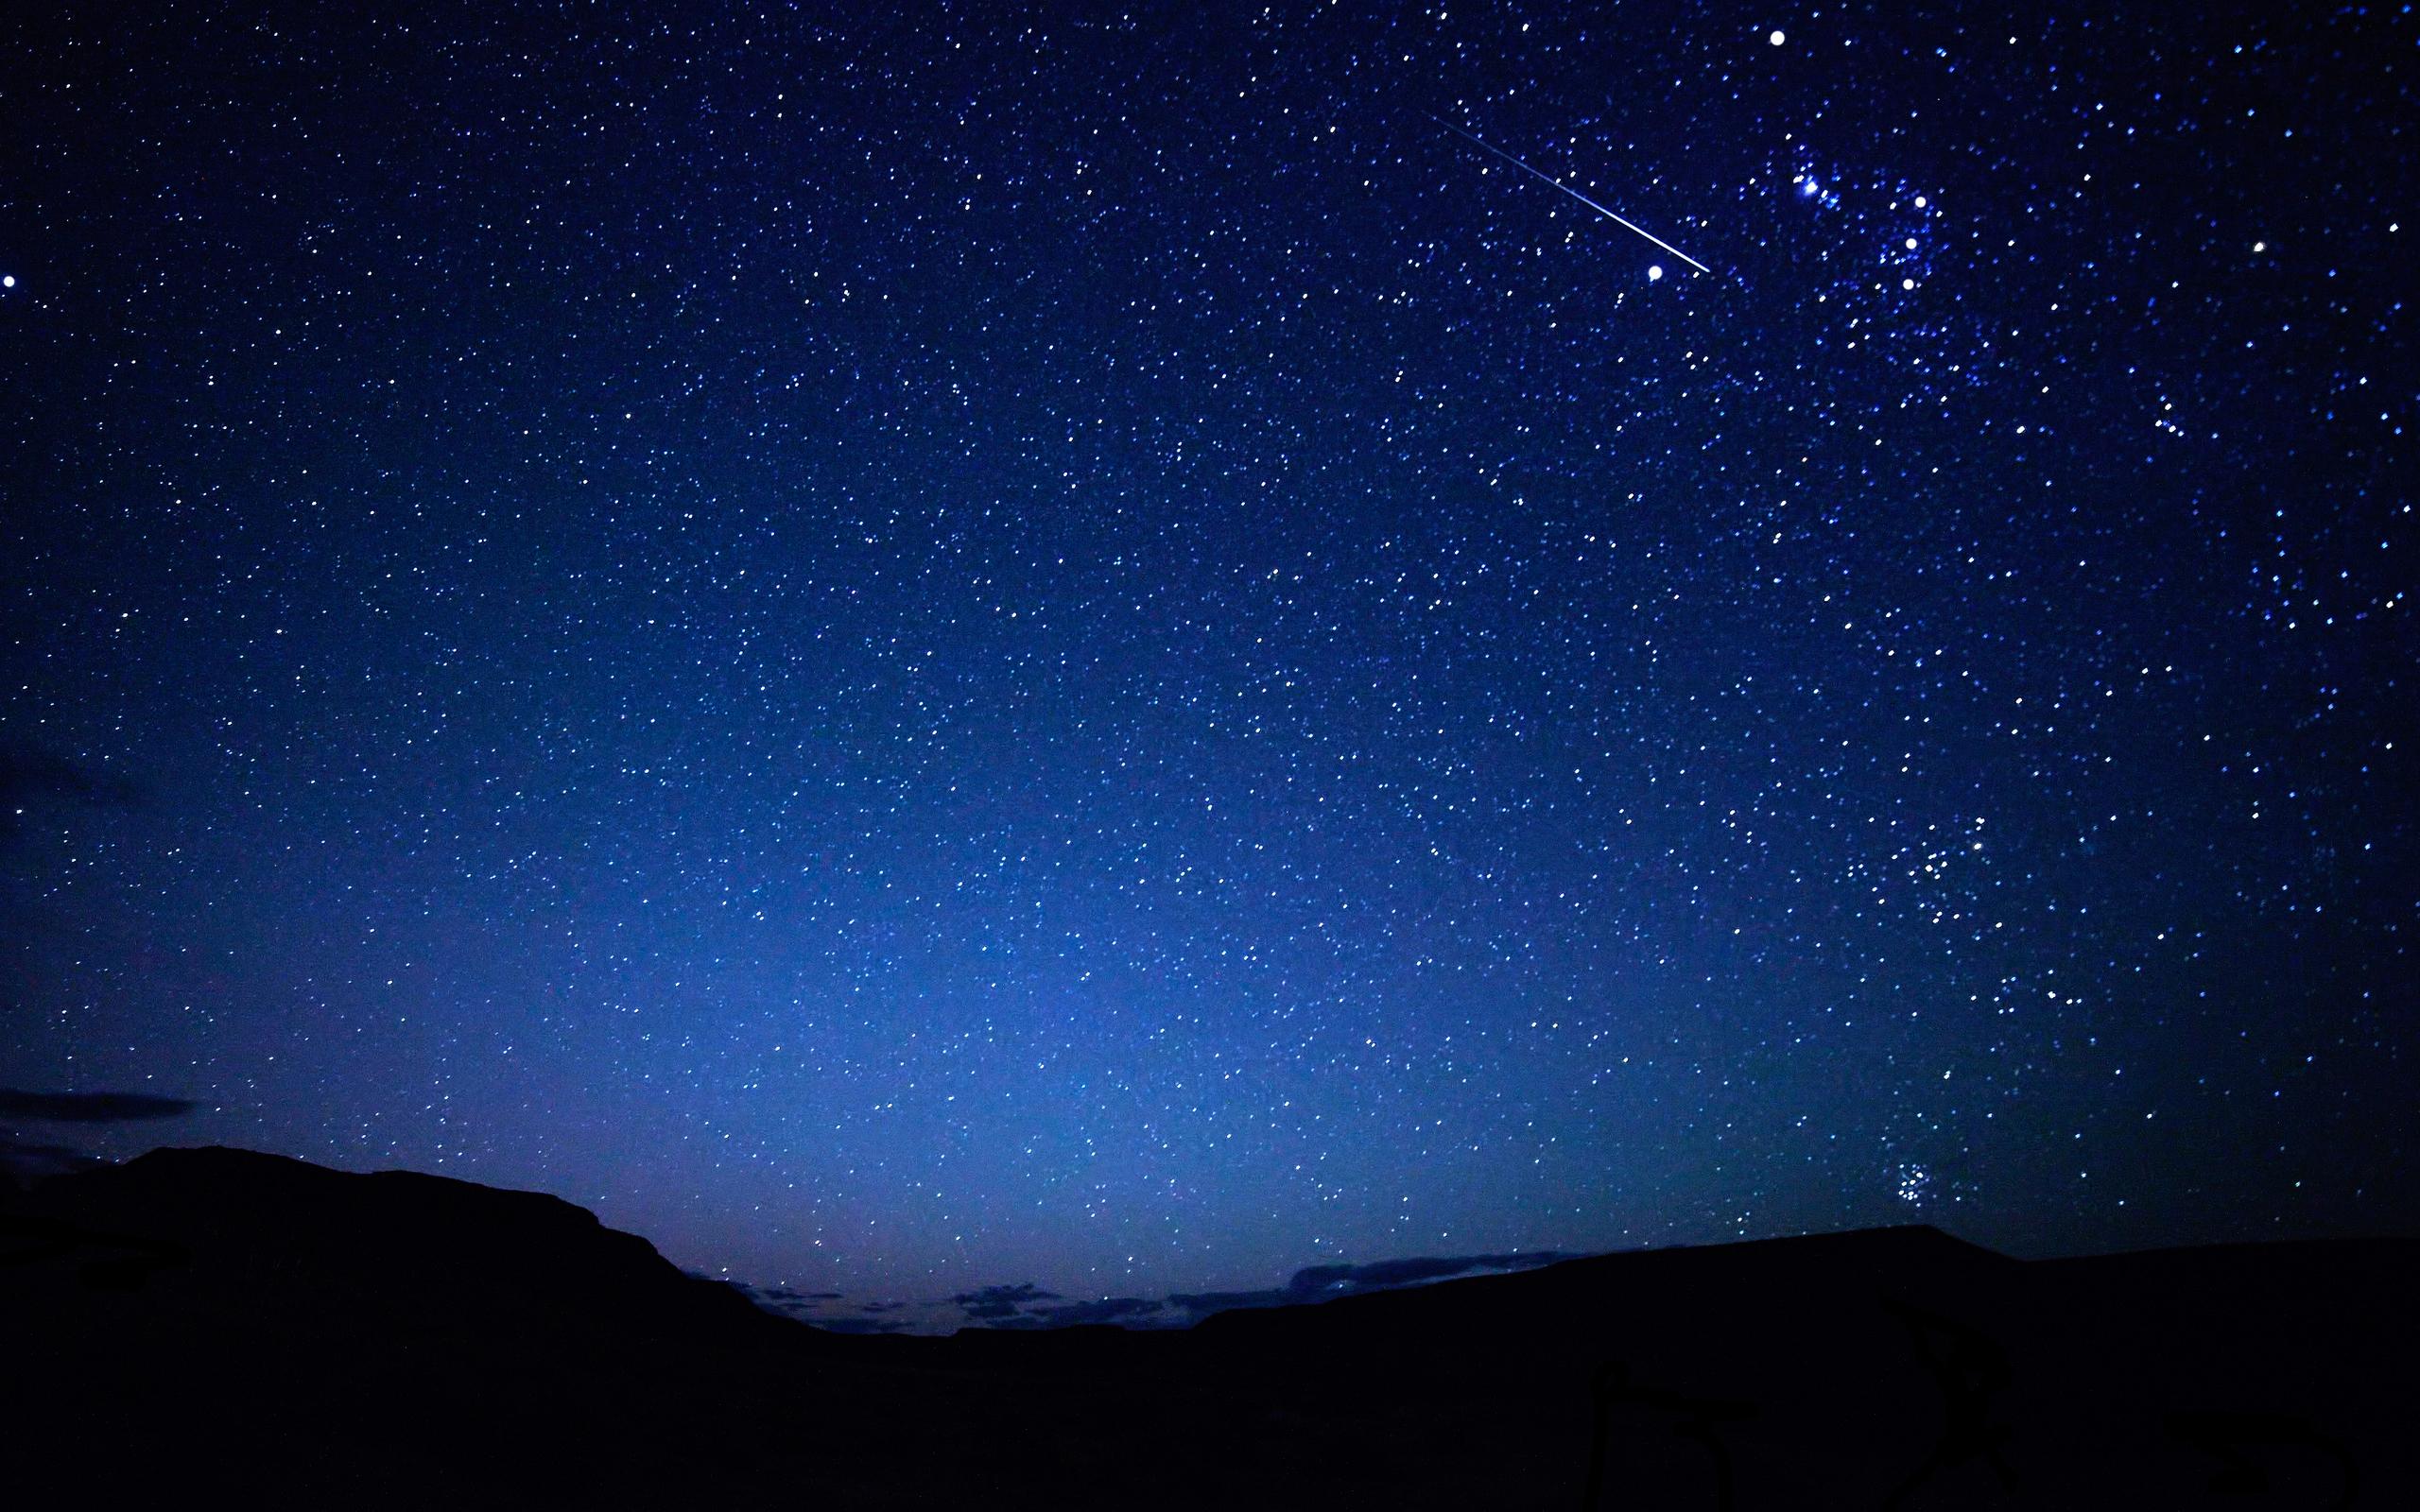 Stars night sky